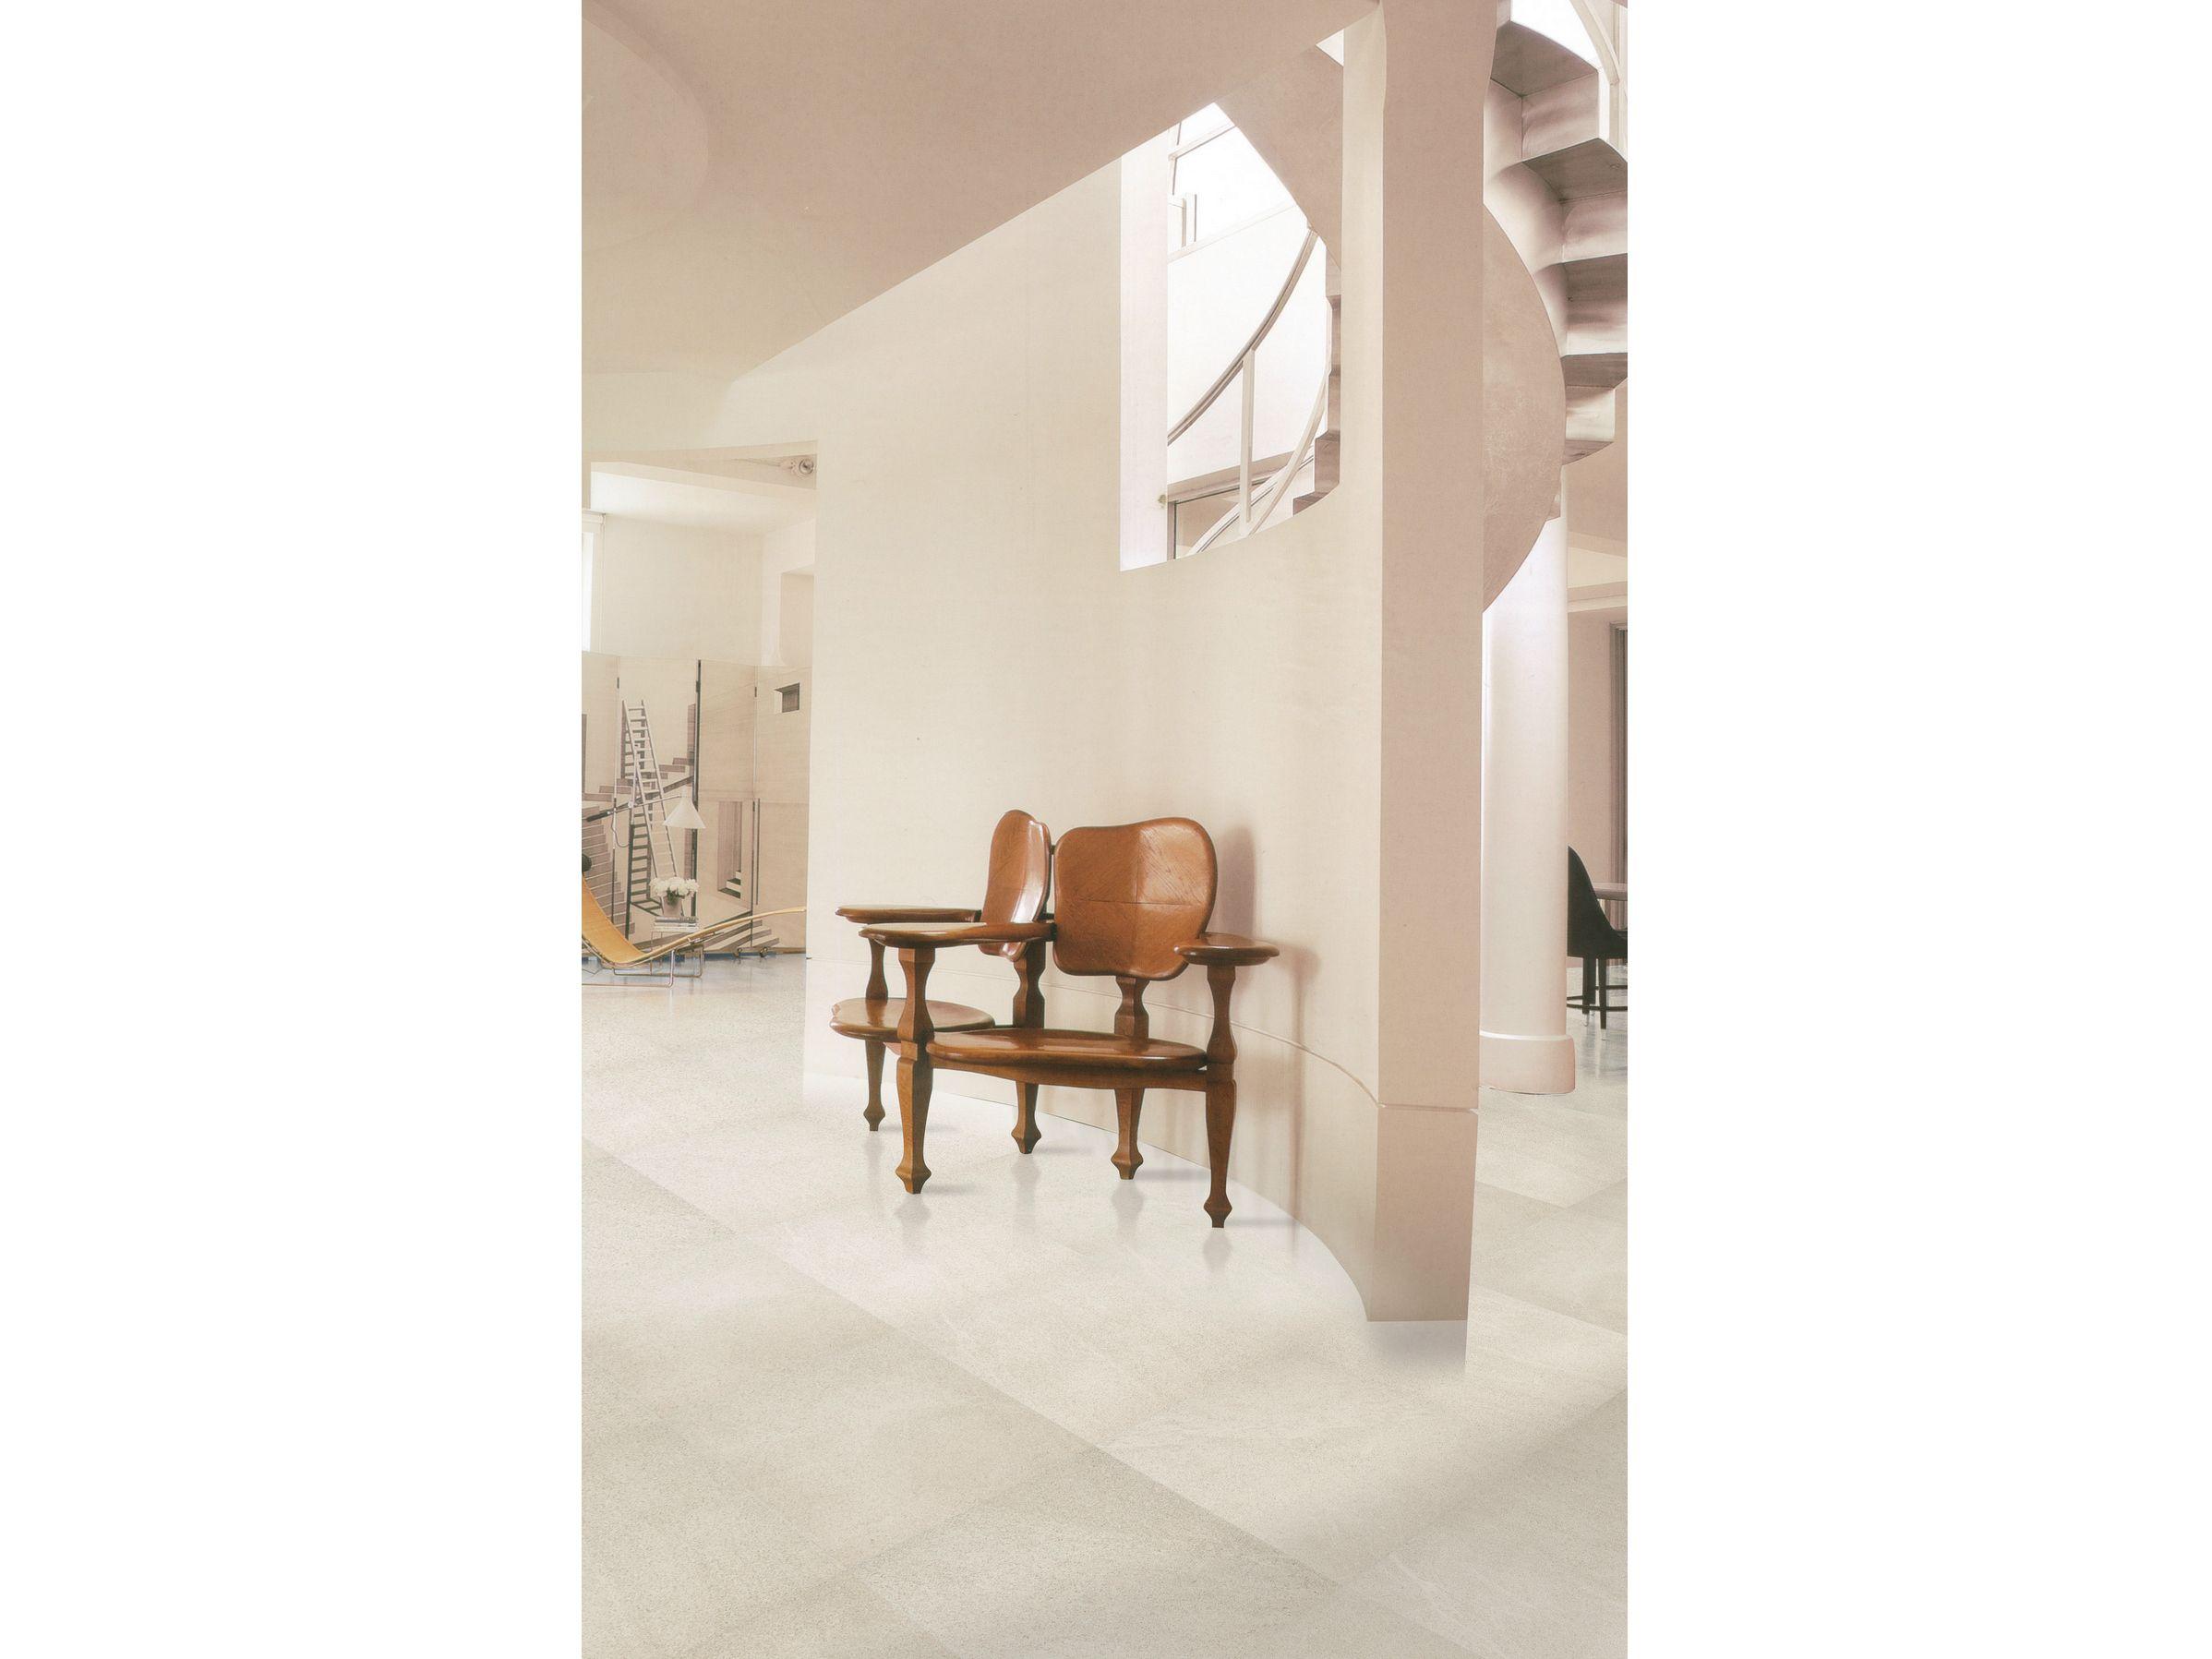 rev tement de sol mur en gr s c rame pleine masse marque by romax tiles australia. Black Bedroom Furniture Sets. Home Design Ideas